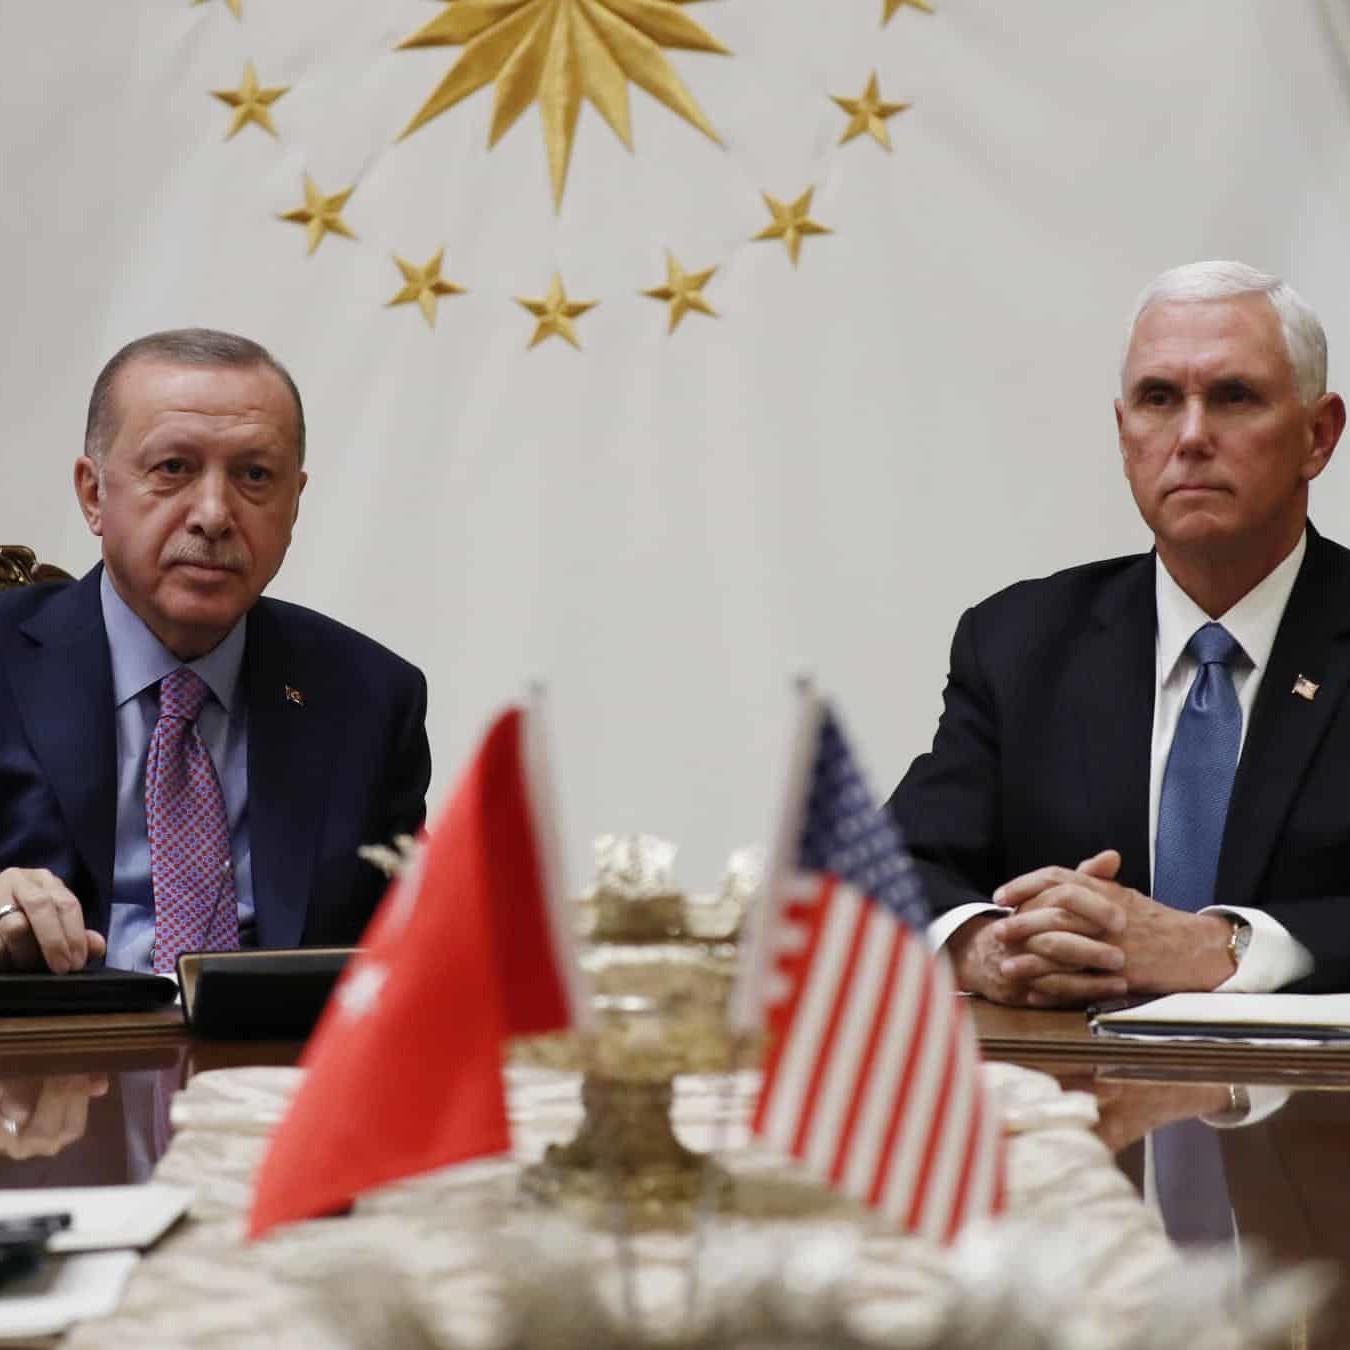 Accordo Usa Turchia: non una buona notizia per i curdi